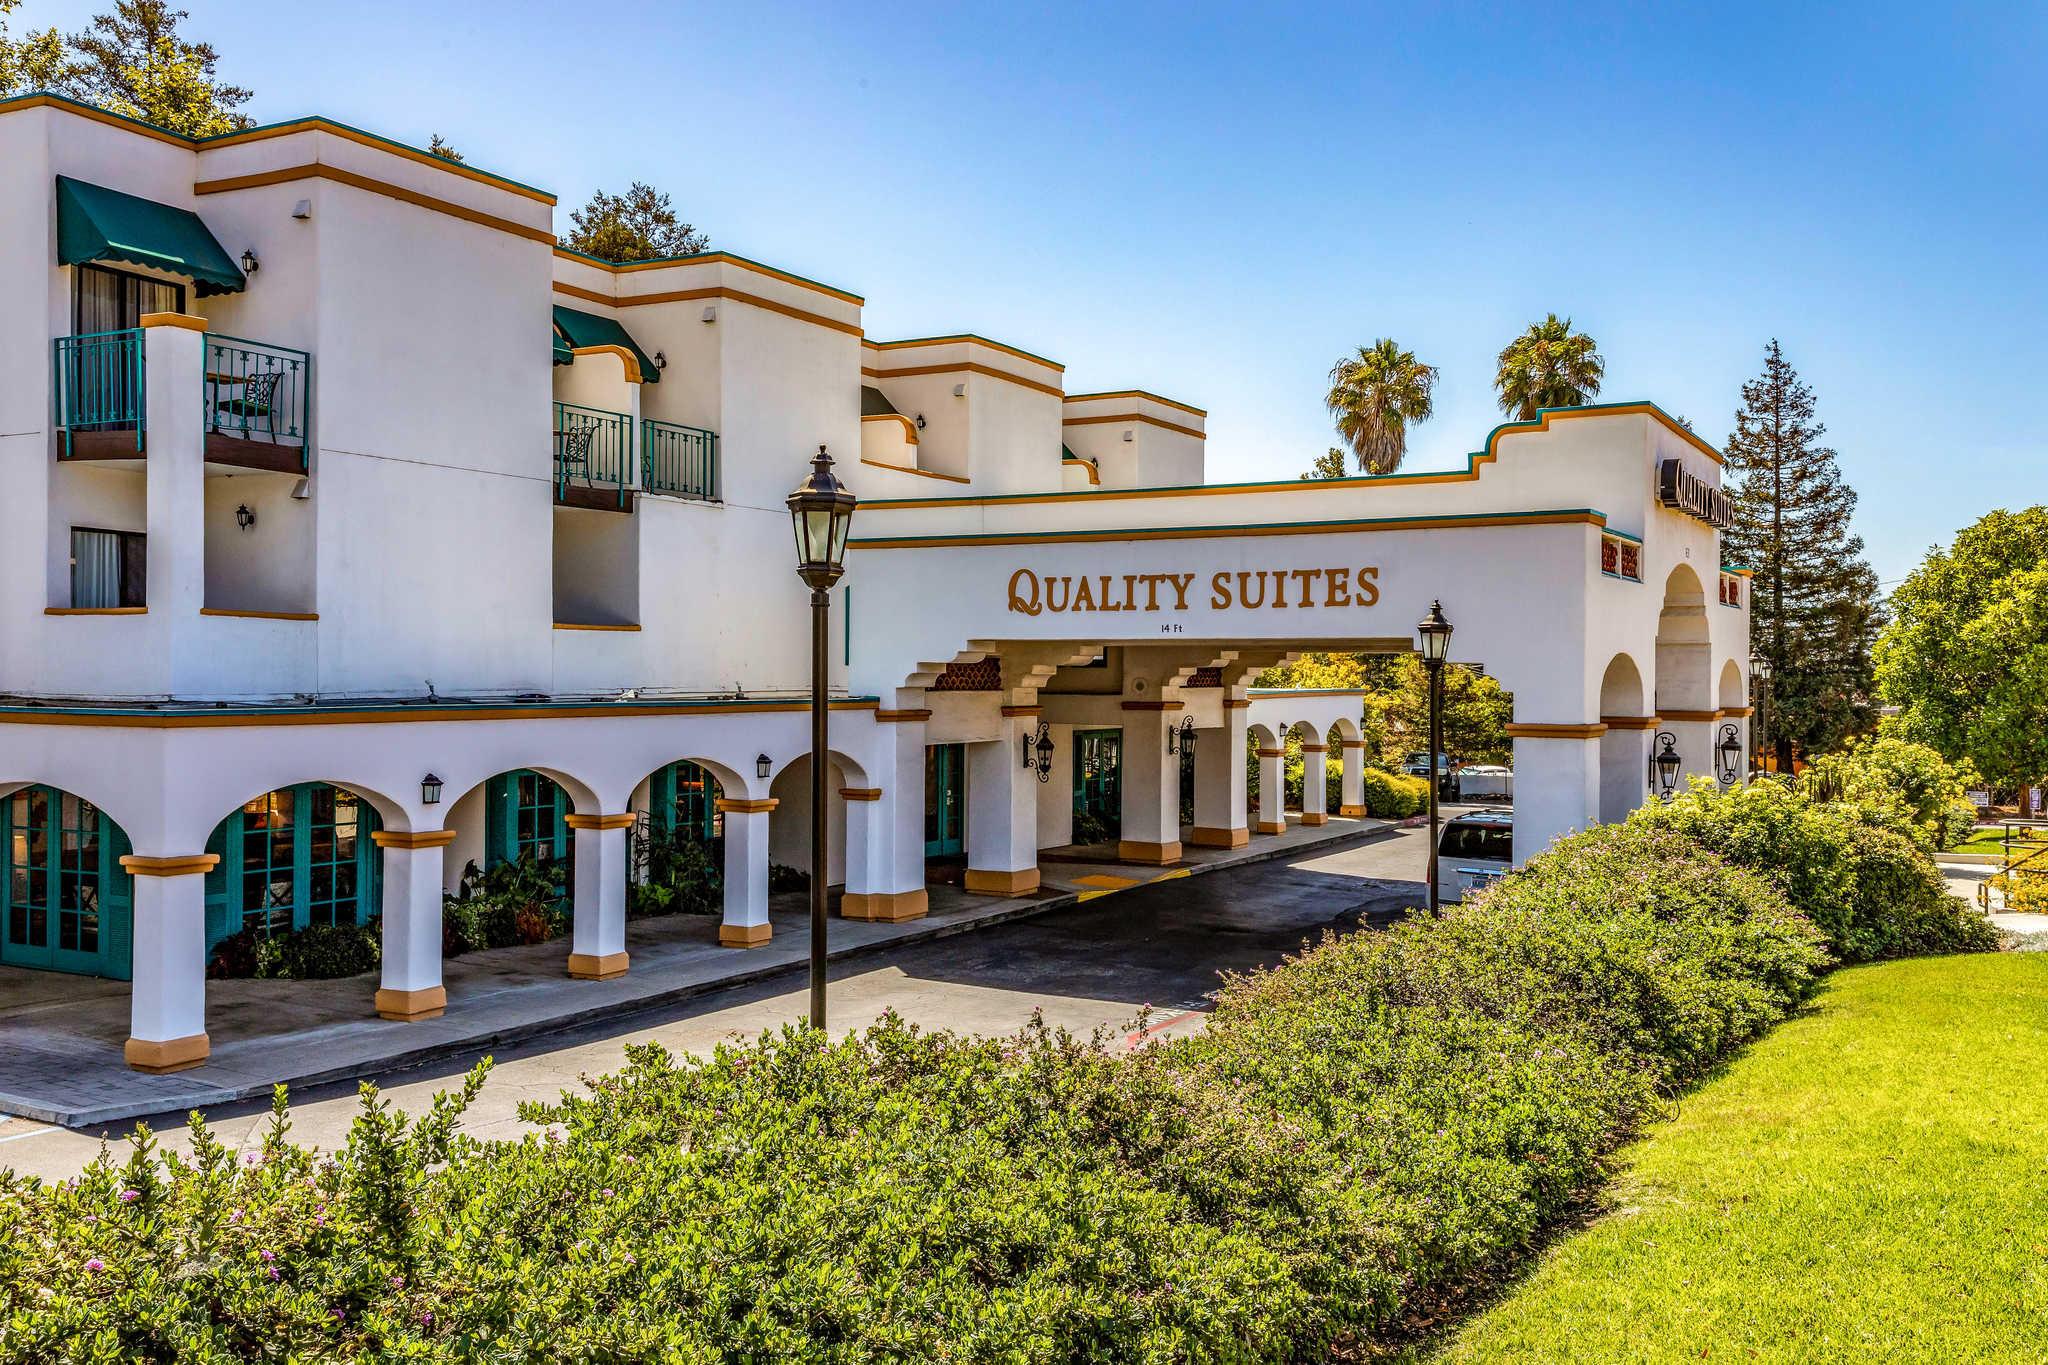 Quality Suites Downtown San Luis Obispo image 0